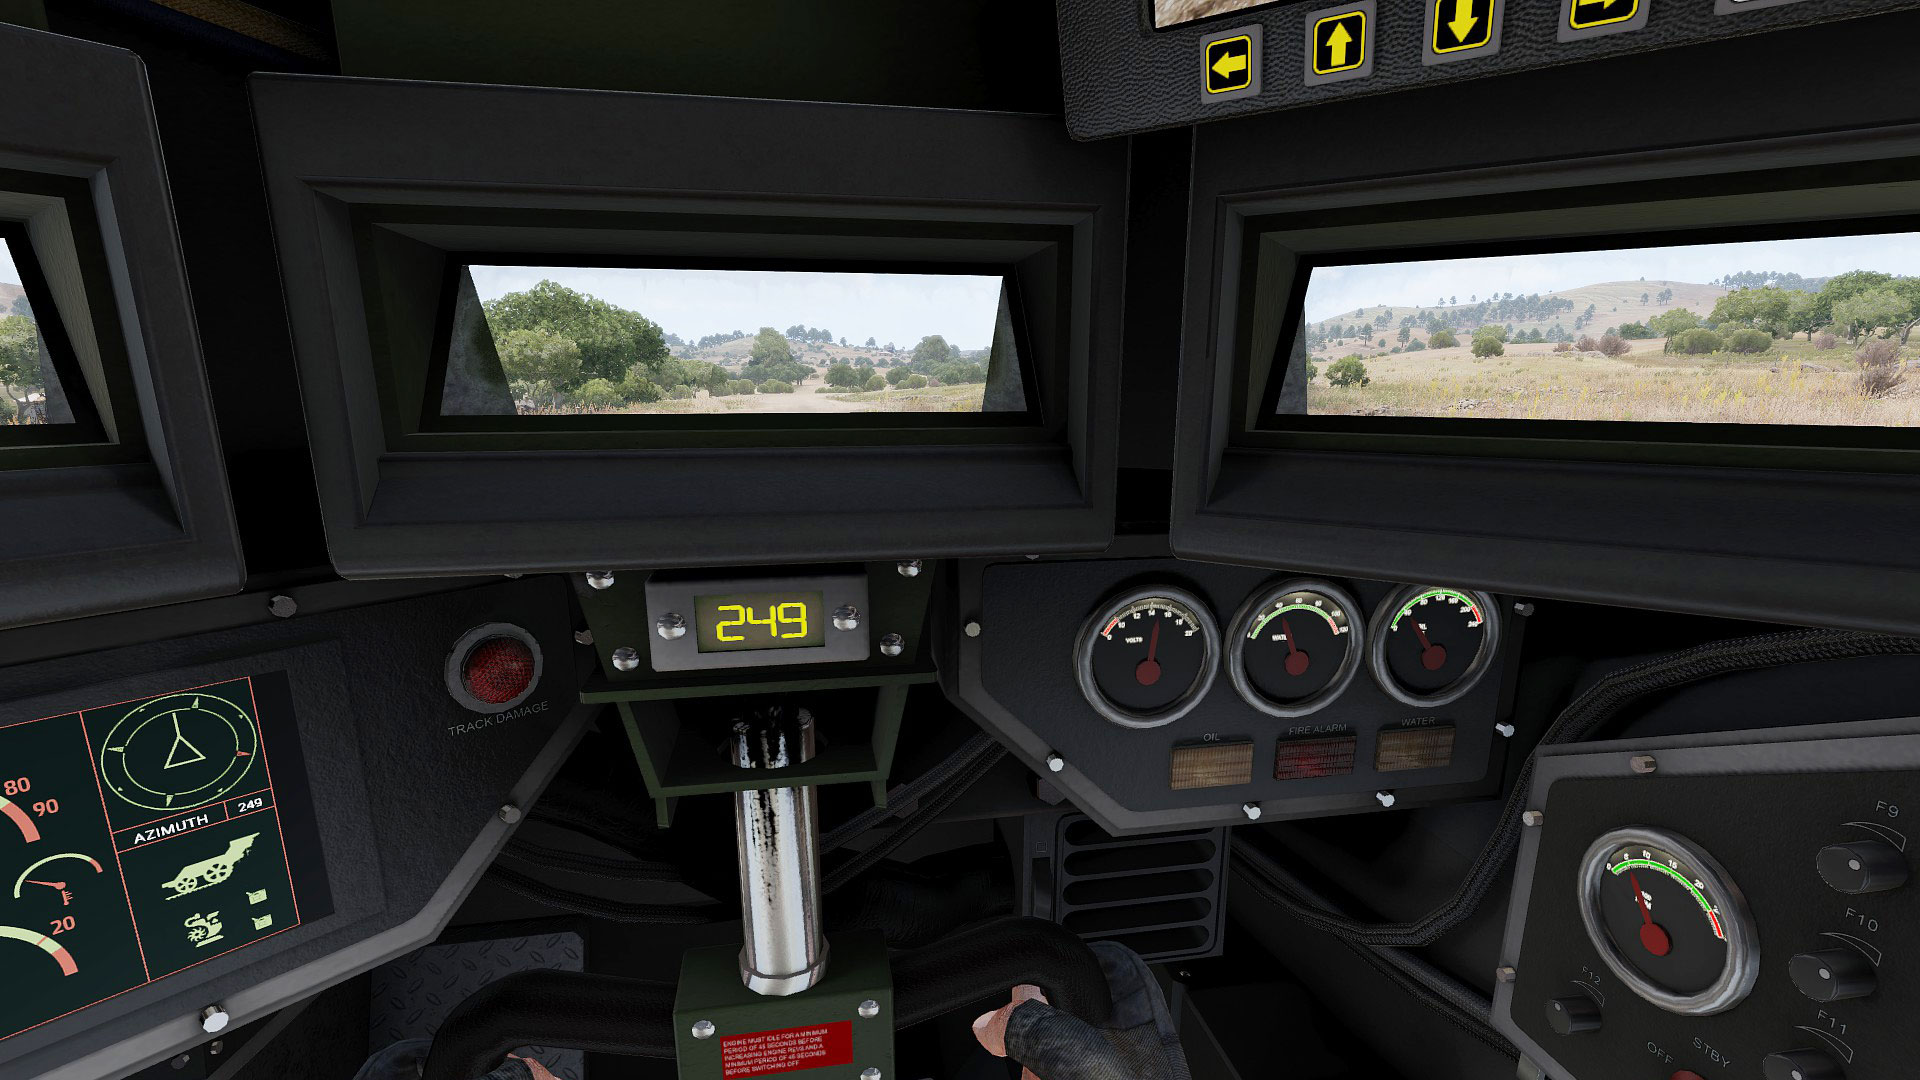 Arma 3 Tanks for PC screenshot